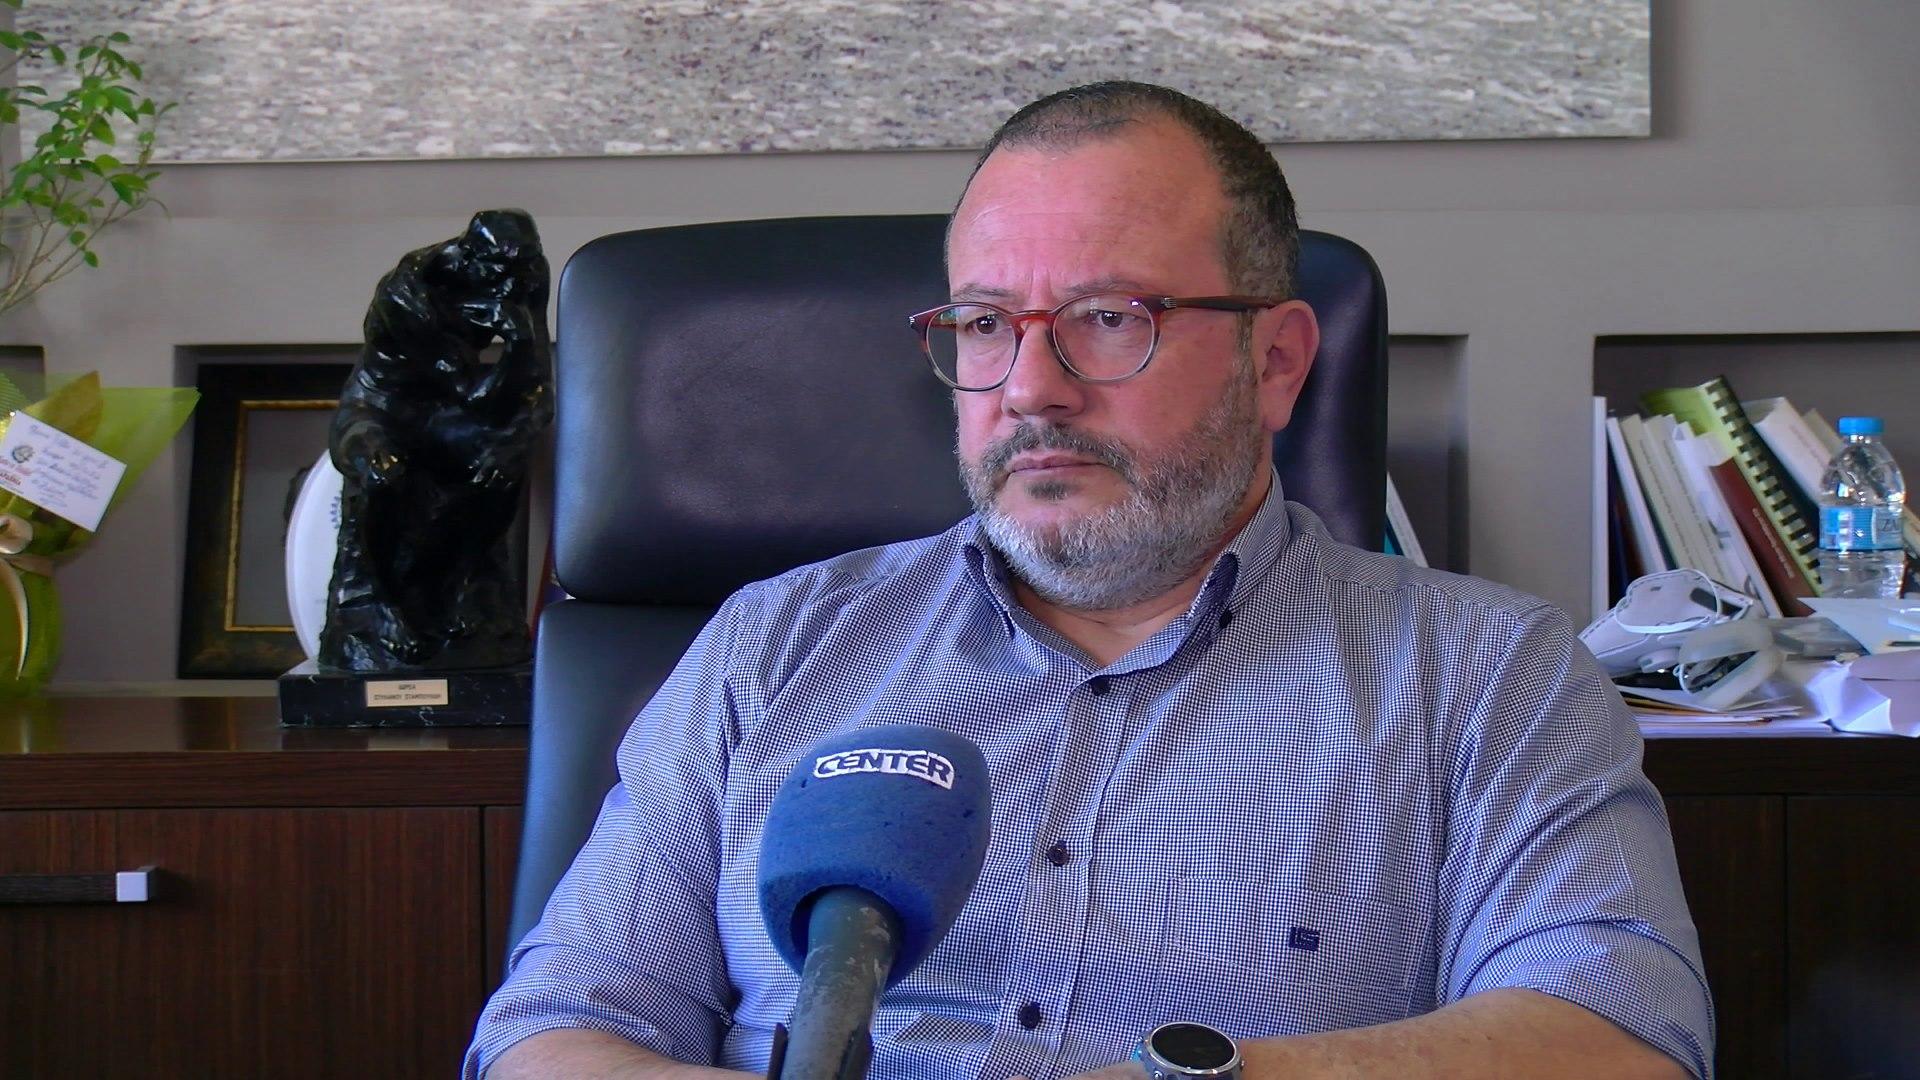 Θετικός στον κορονοϊό ο Δήμαρχος Κομοτηνής Γιάννης Γκαράνης